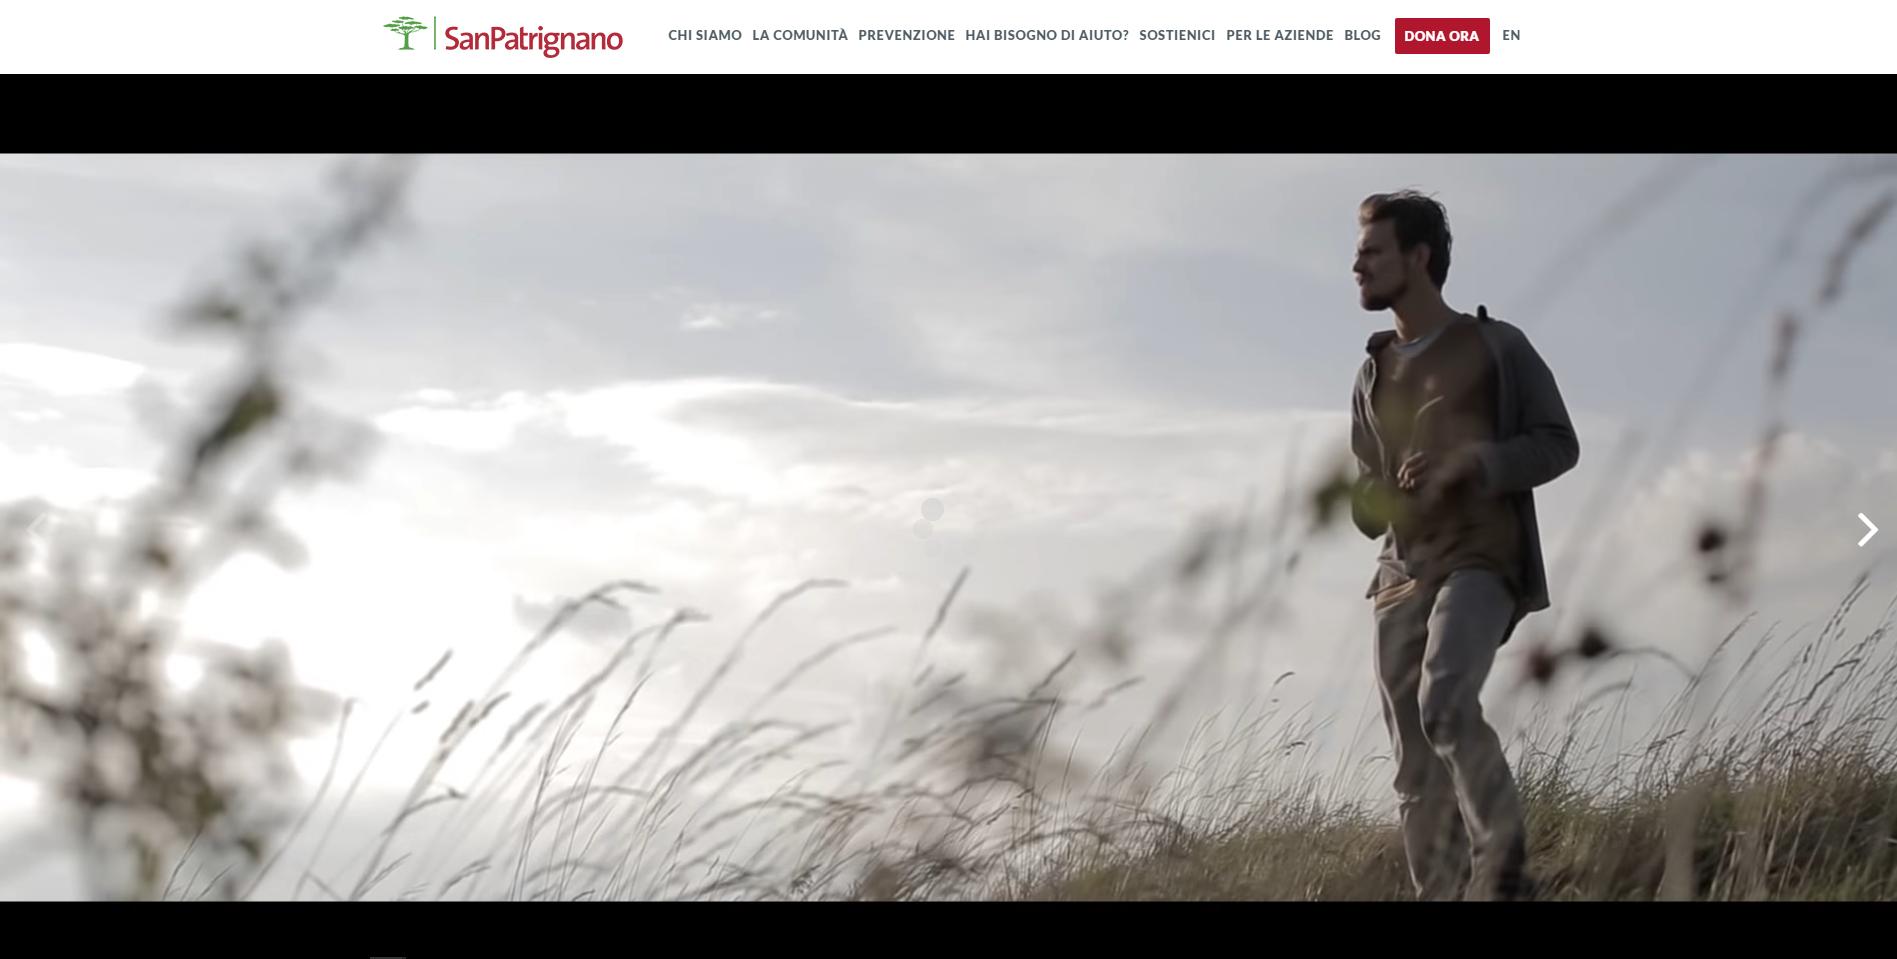 l sito web della Comunità di San Patrignano è online! - myDonor.org